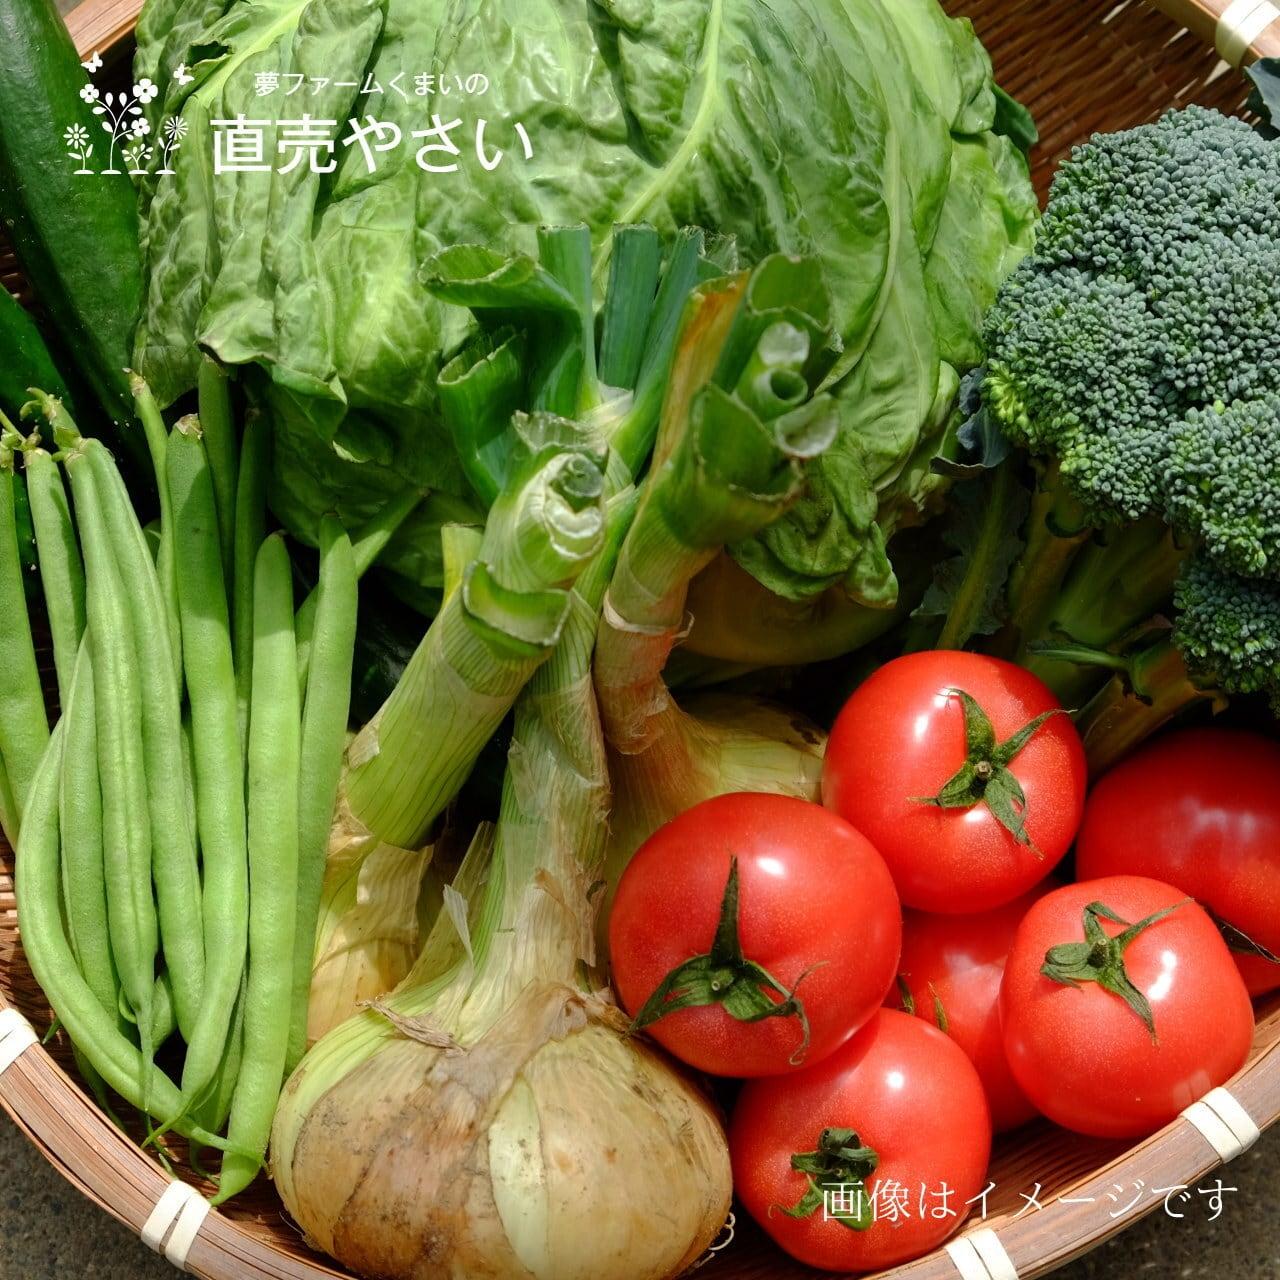 送料無料 7月の朝採り夏野菜詰合せ 8点セット 農家直売 野菜セット 毎週土曜日発送予定  【冷蔵便】